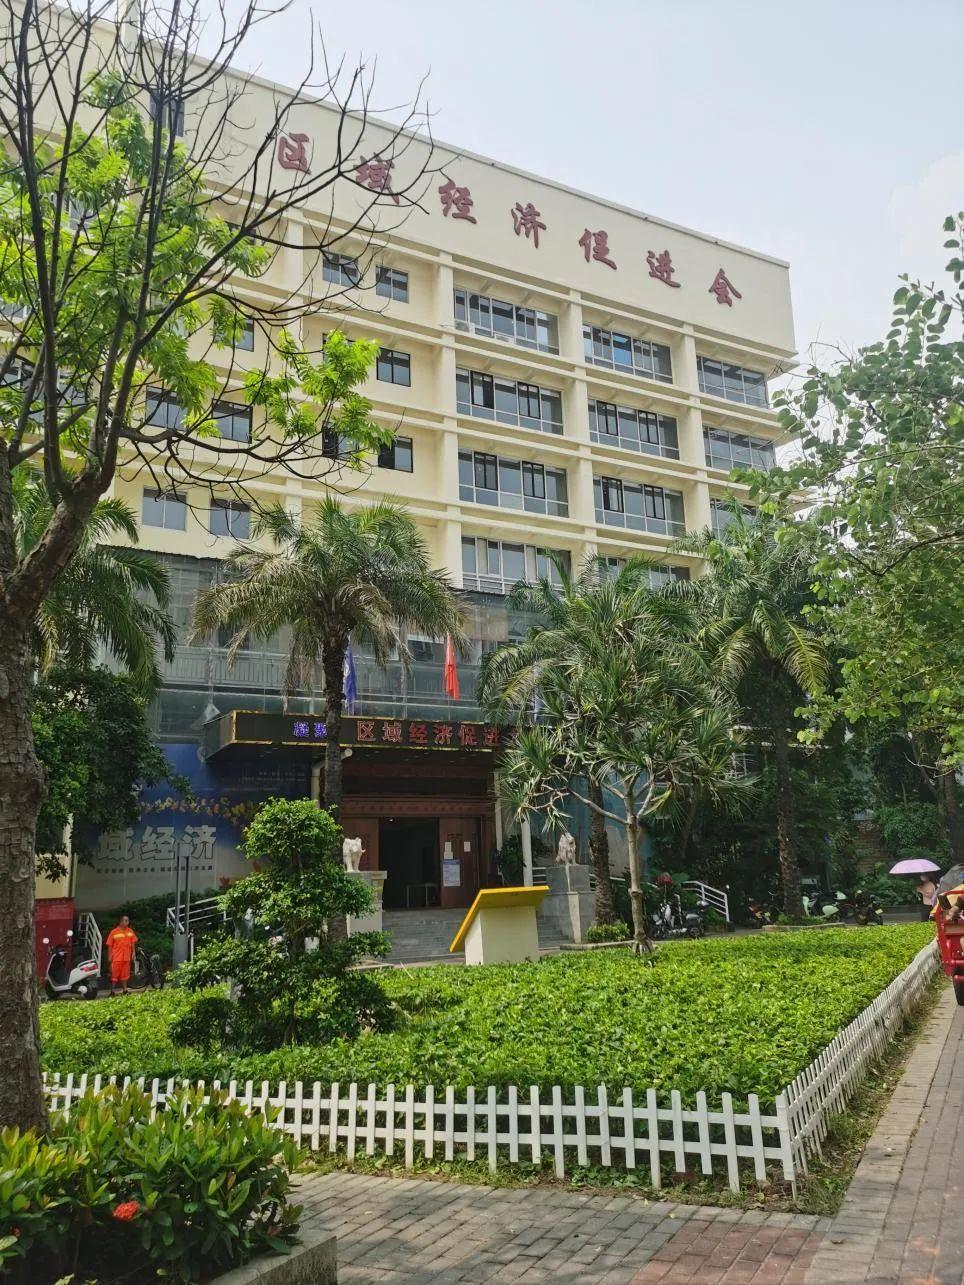 图片:深圳市宝安区某大厦 本报记者摄